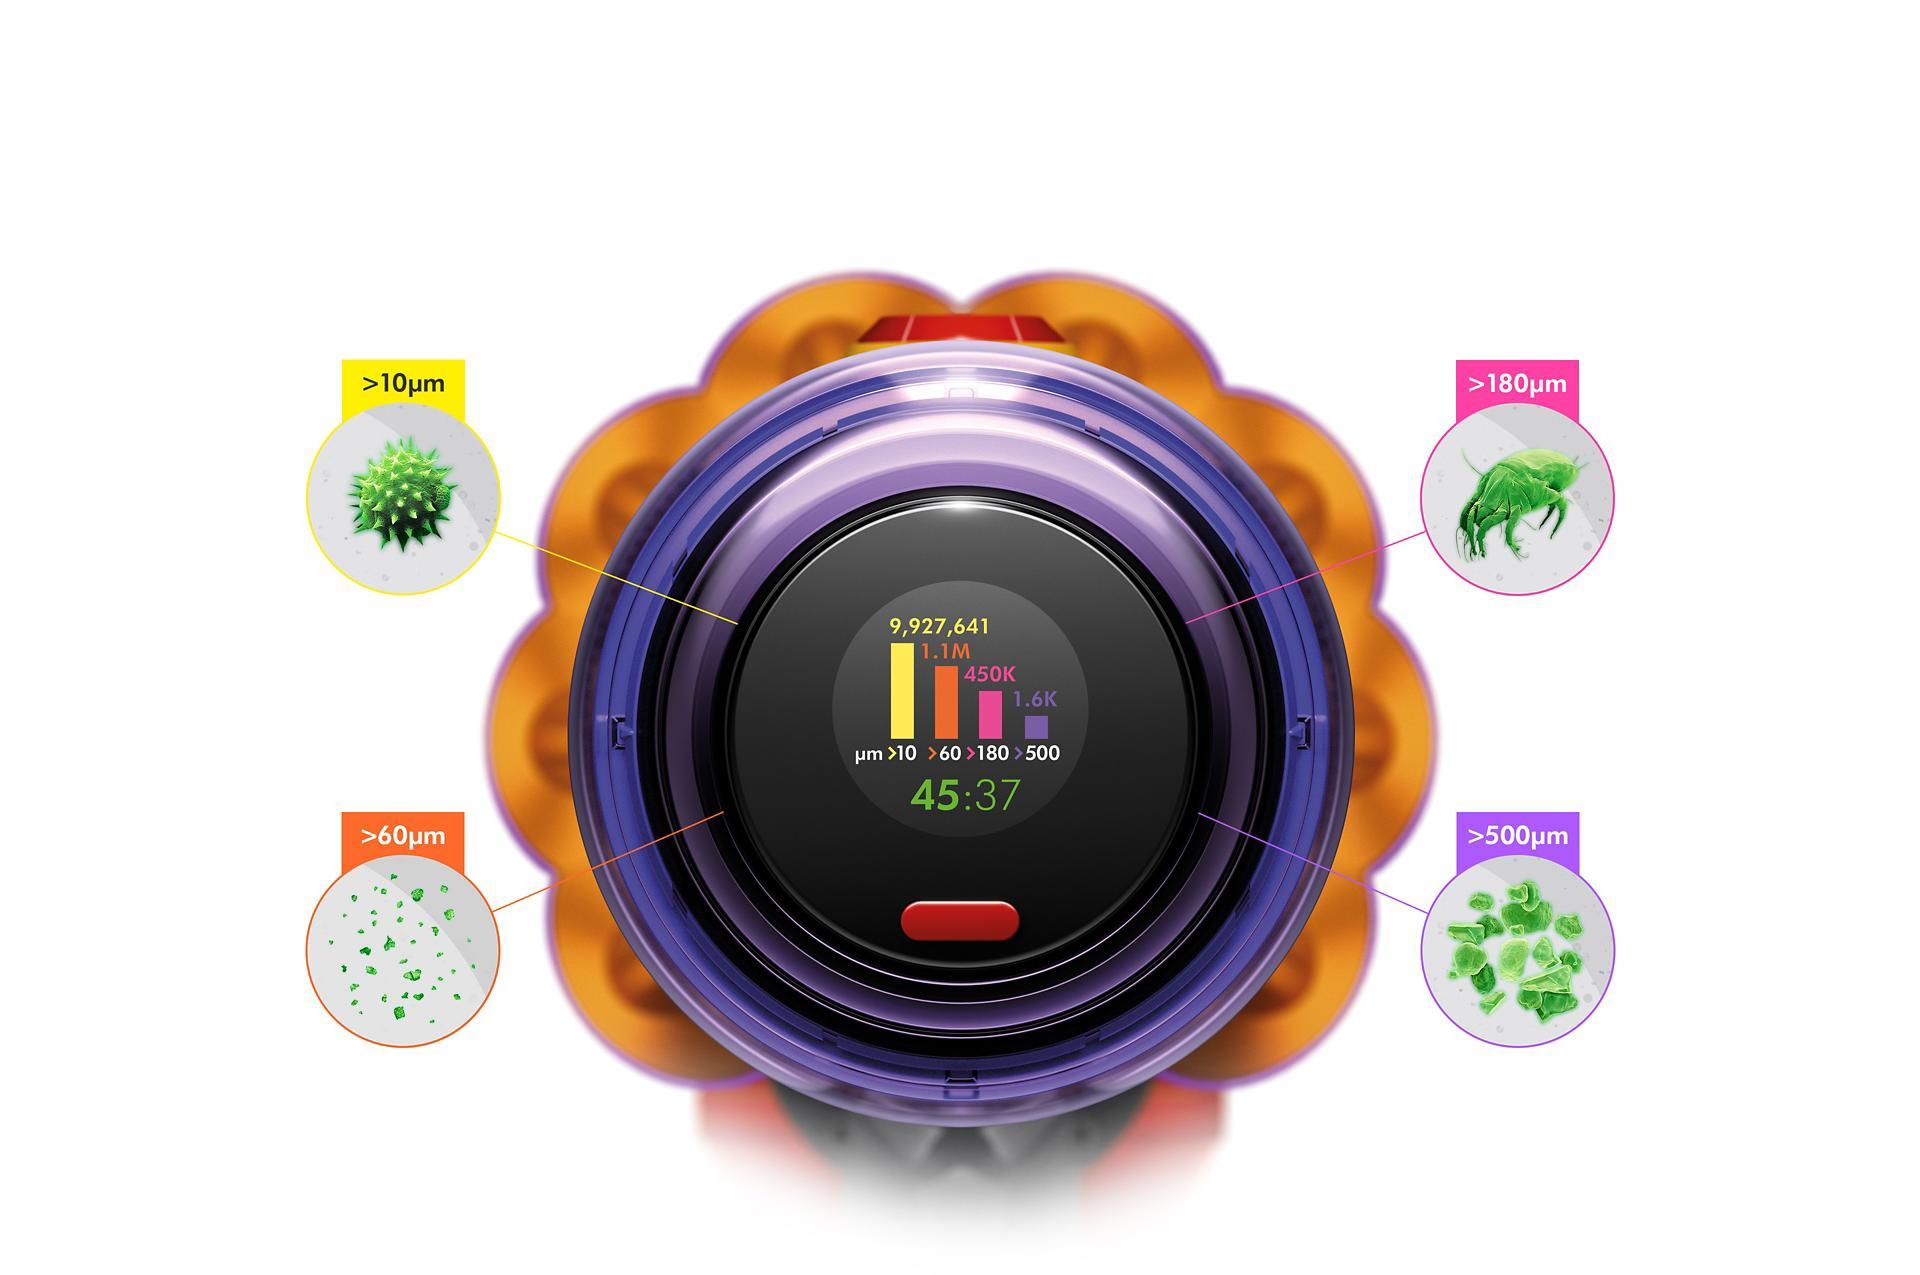 Màn hình LCD đang đếm các hạt có kích thước khác nhau